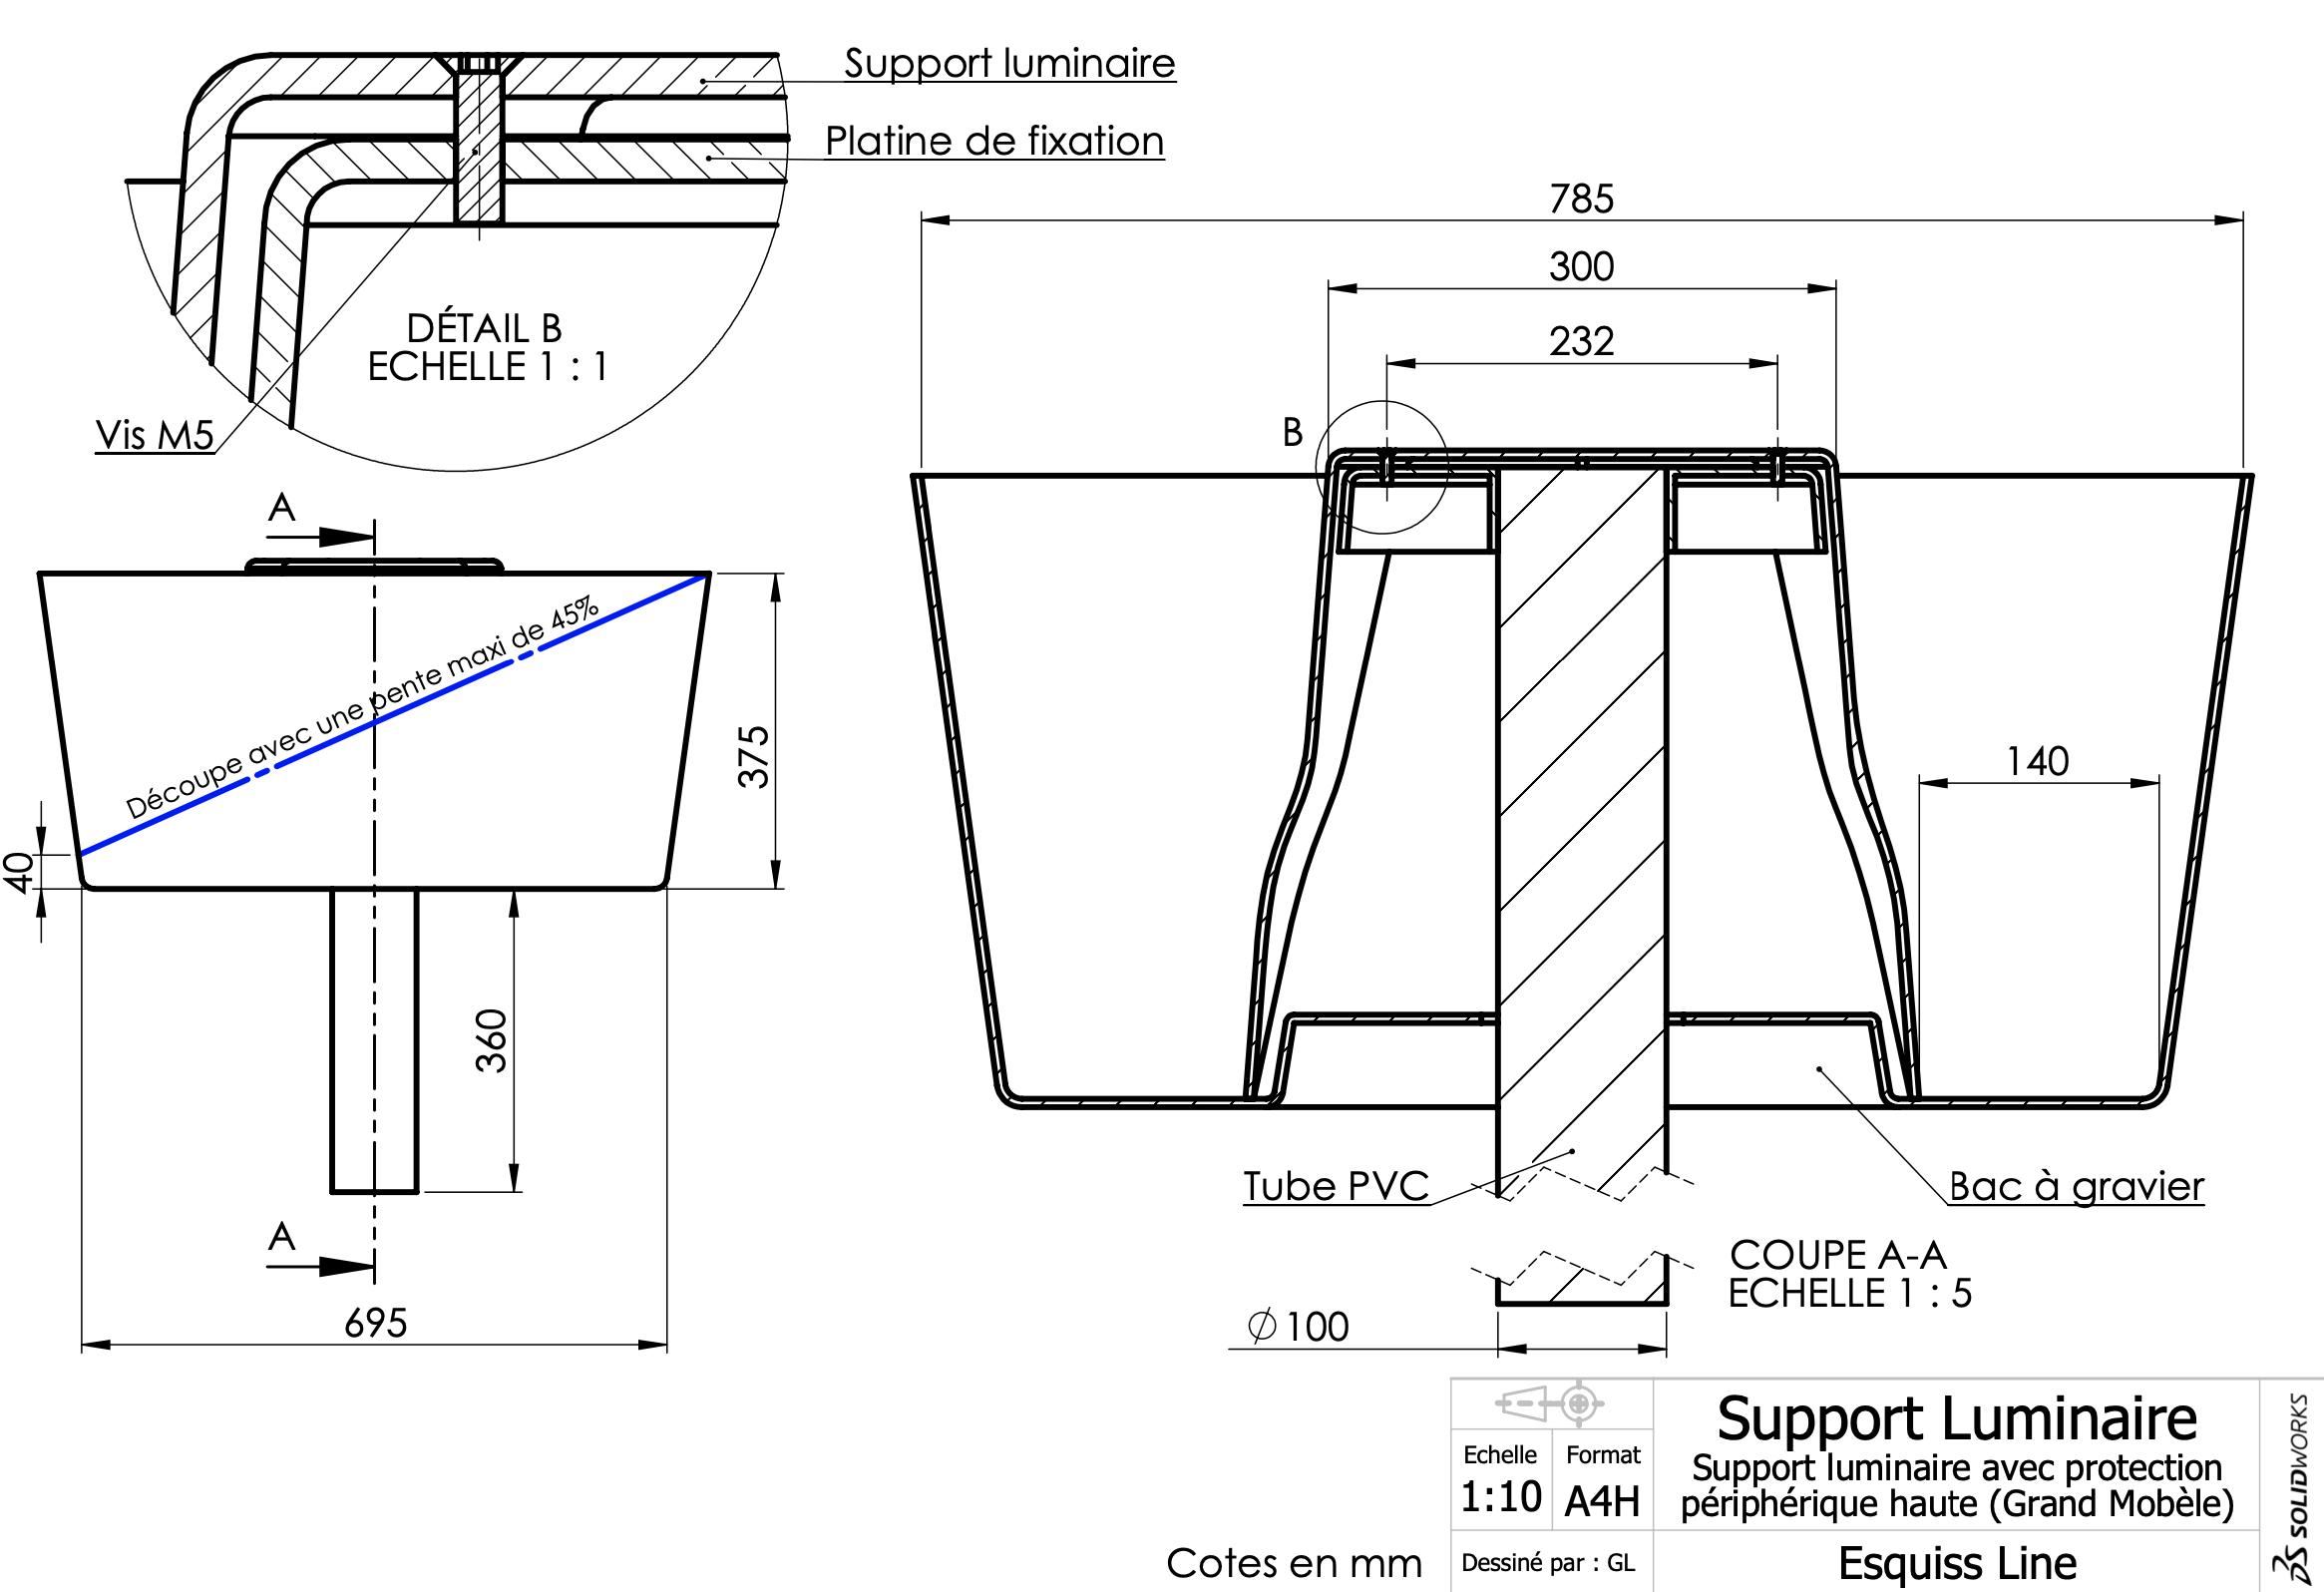 Support luminaire GM haut Fiche technique